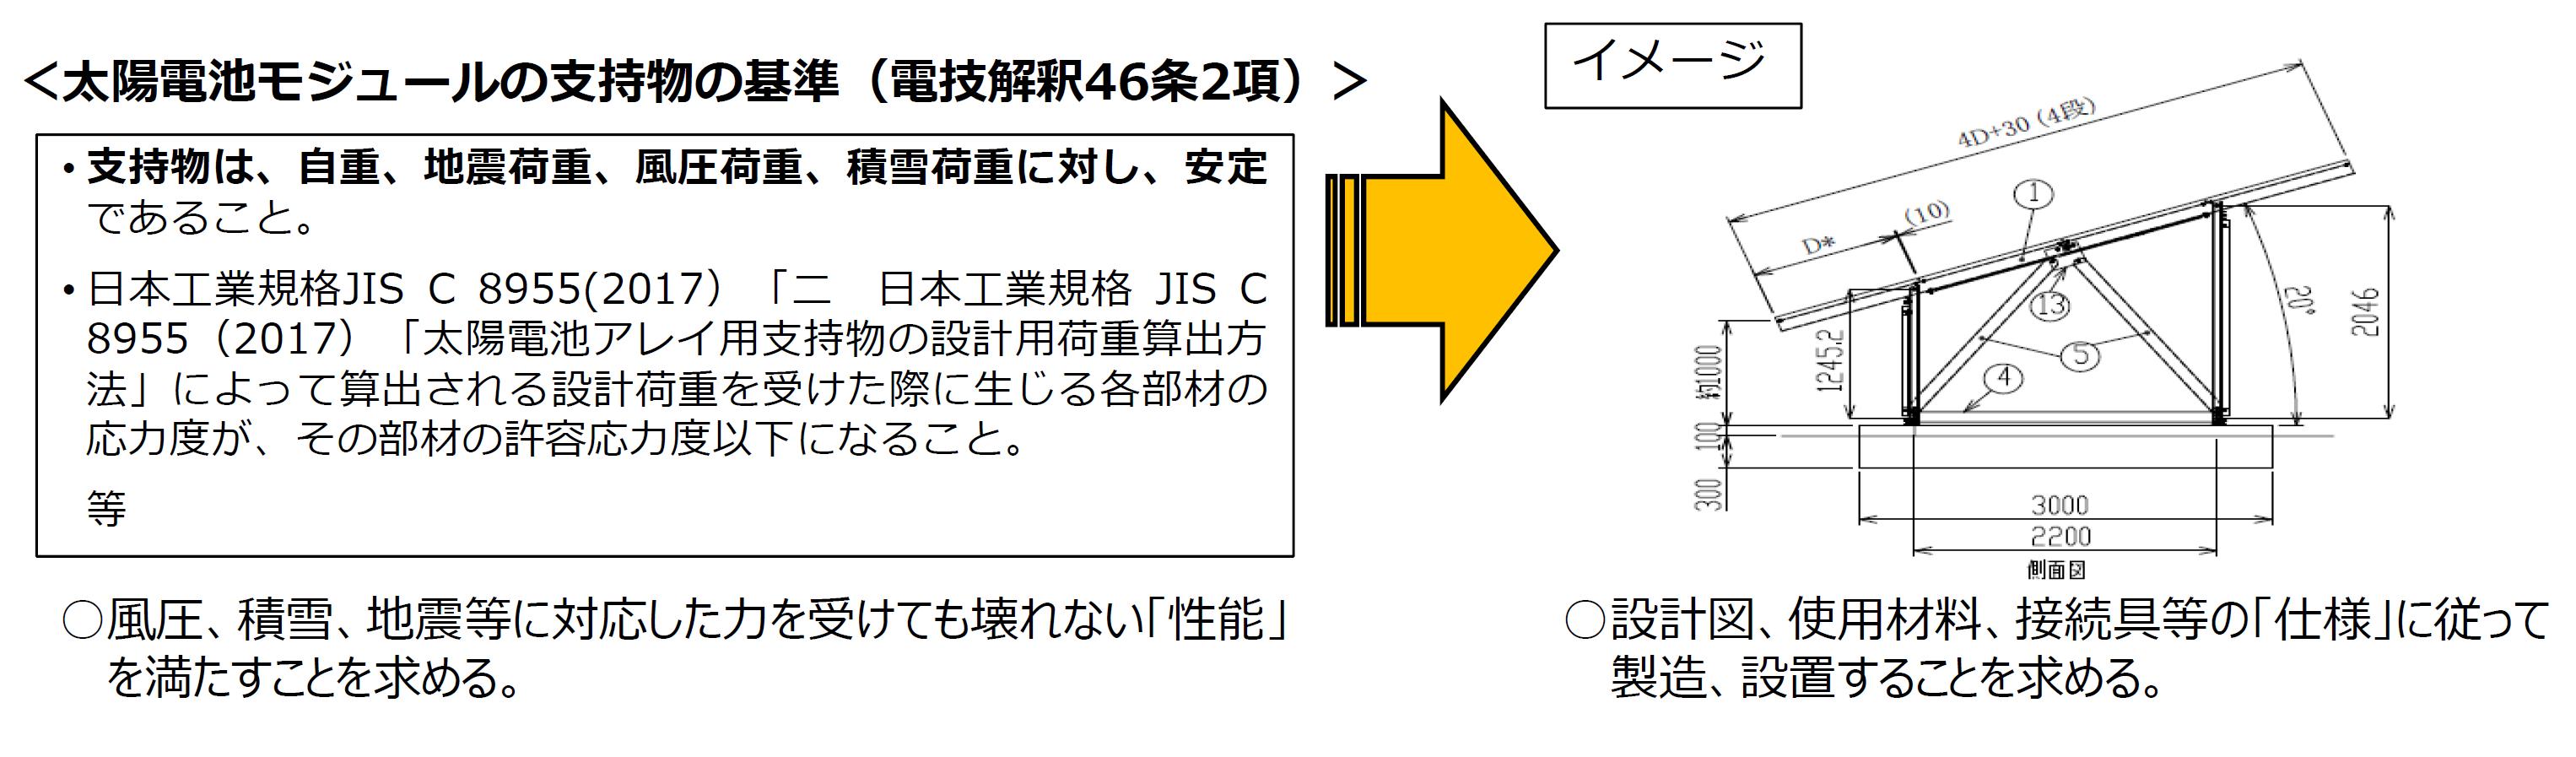 太陽電池モジュールの基準を「仕様」に落とし込む場合のイメージ図です。